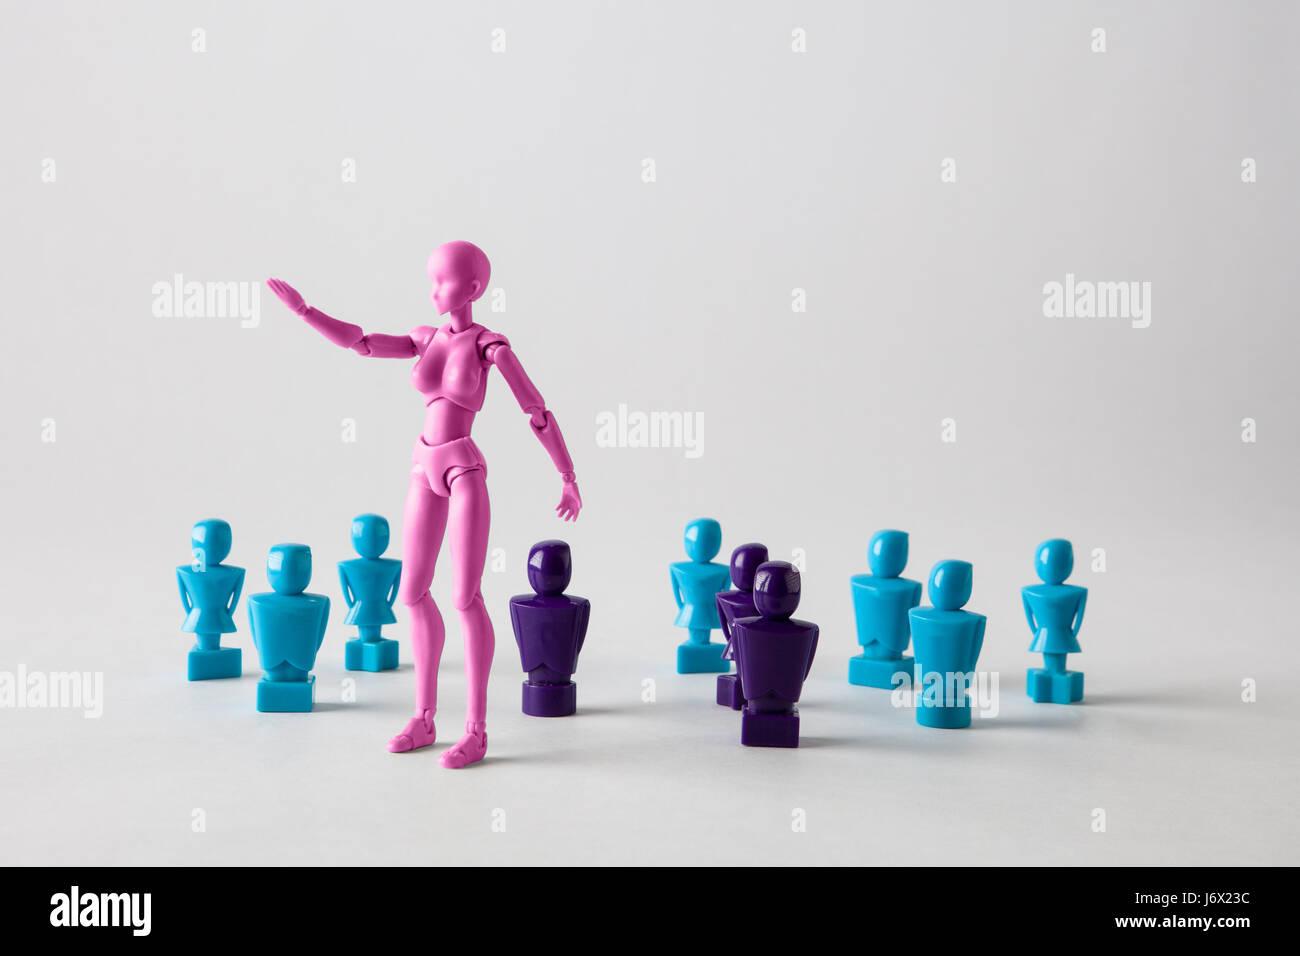 Concepto de liderazgo femenino retratado con figuras masculinas y femeninas. Aislado en blanco con espacio de copia Imagen De Stock